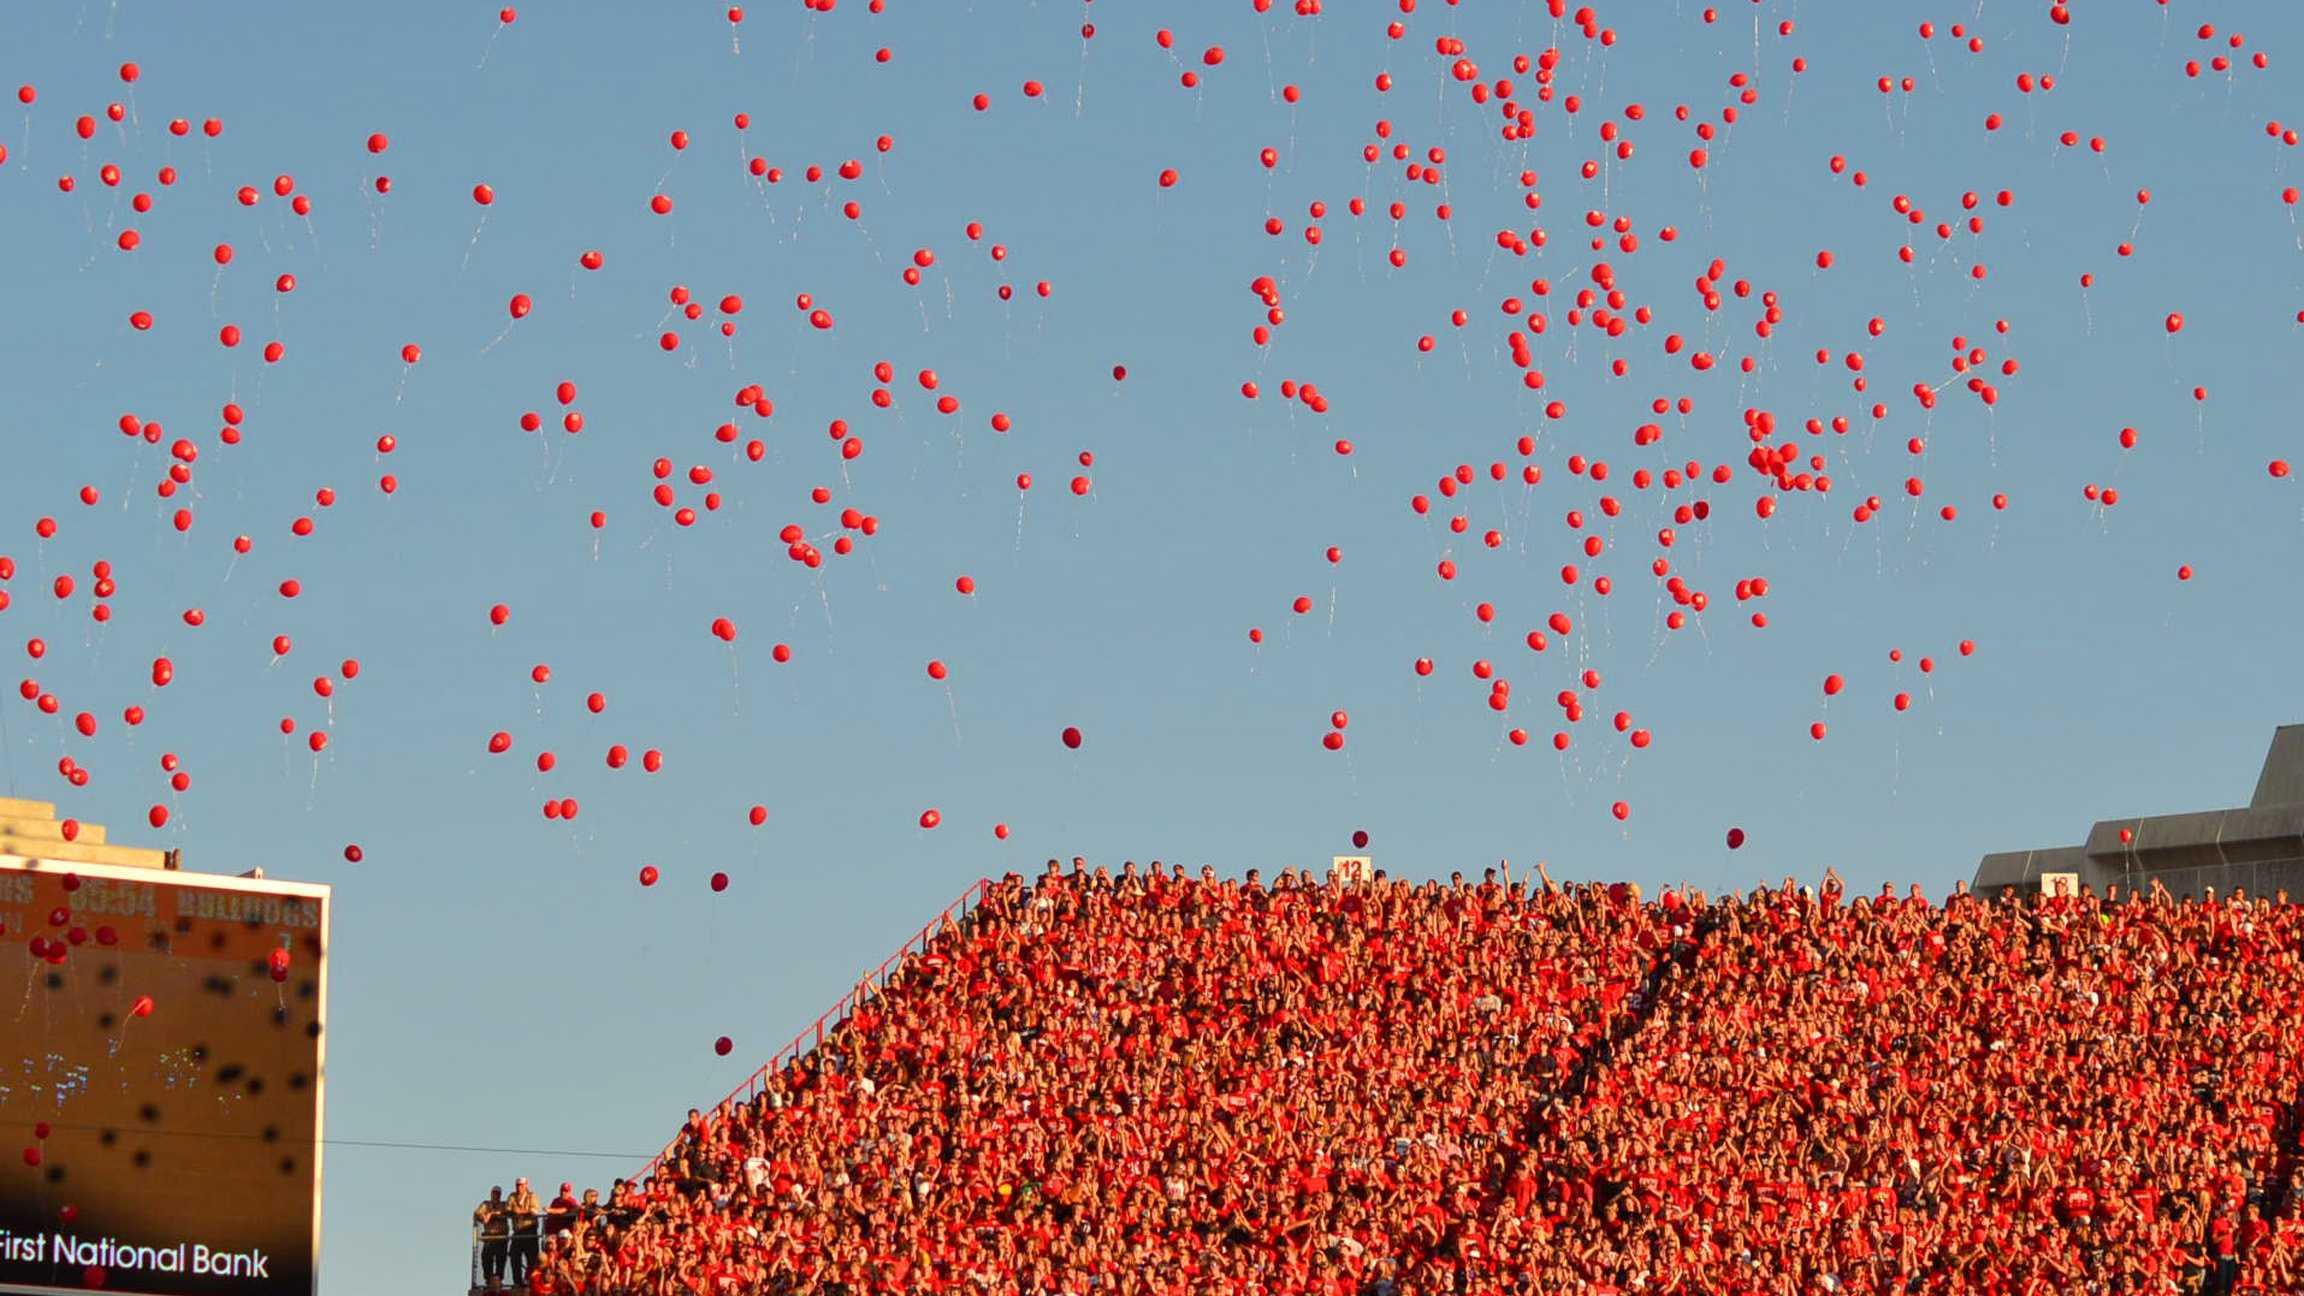 Husker Balloons